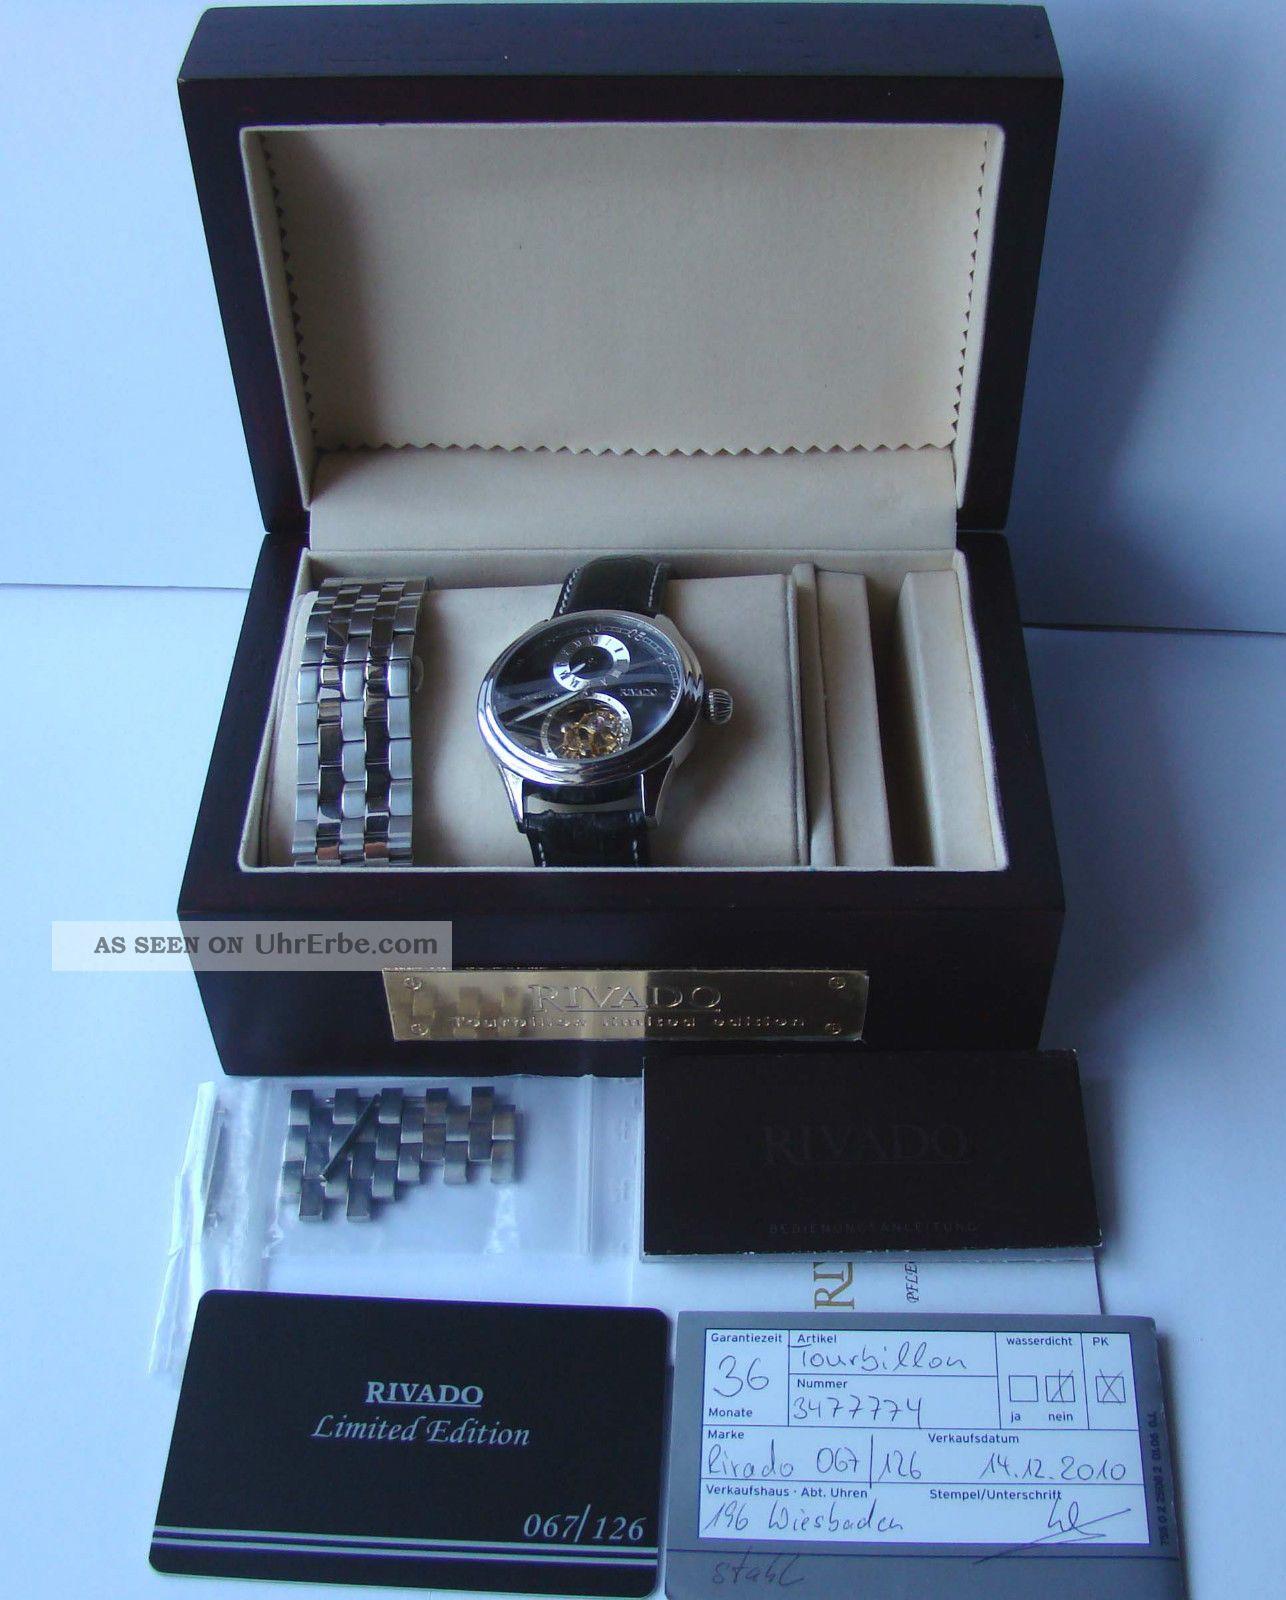 Rivado Uhr Regulatuer Mit Echten Tourbillon Limited Edition Neuwertig Box Papier Armbanduhren Bild